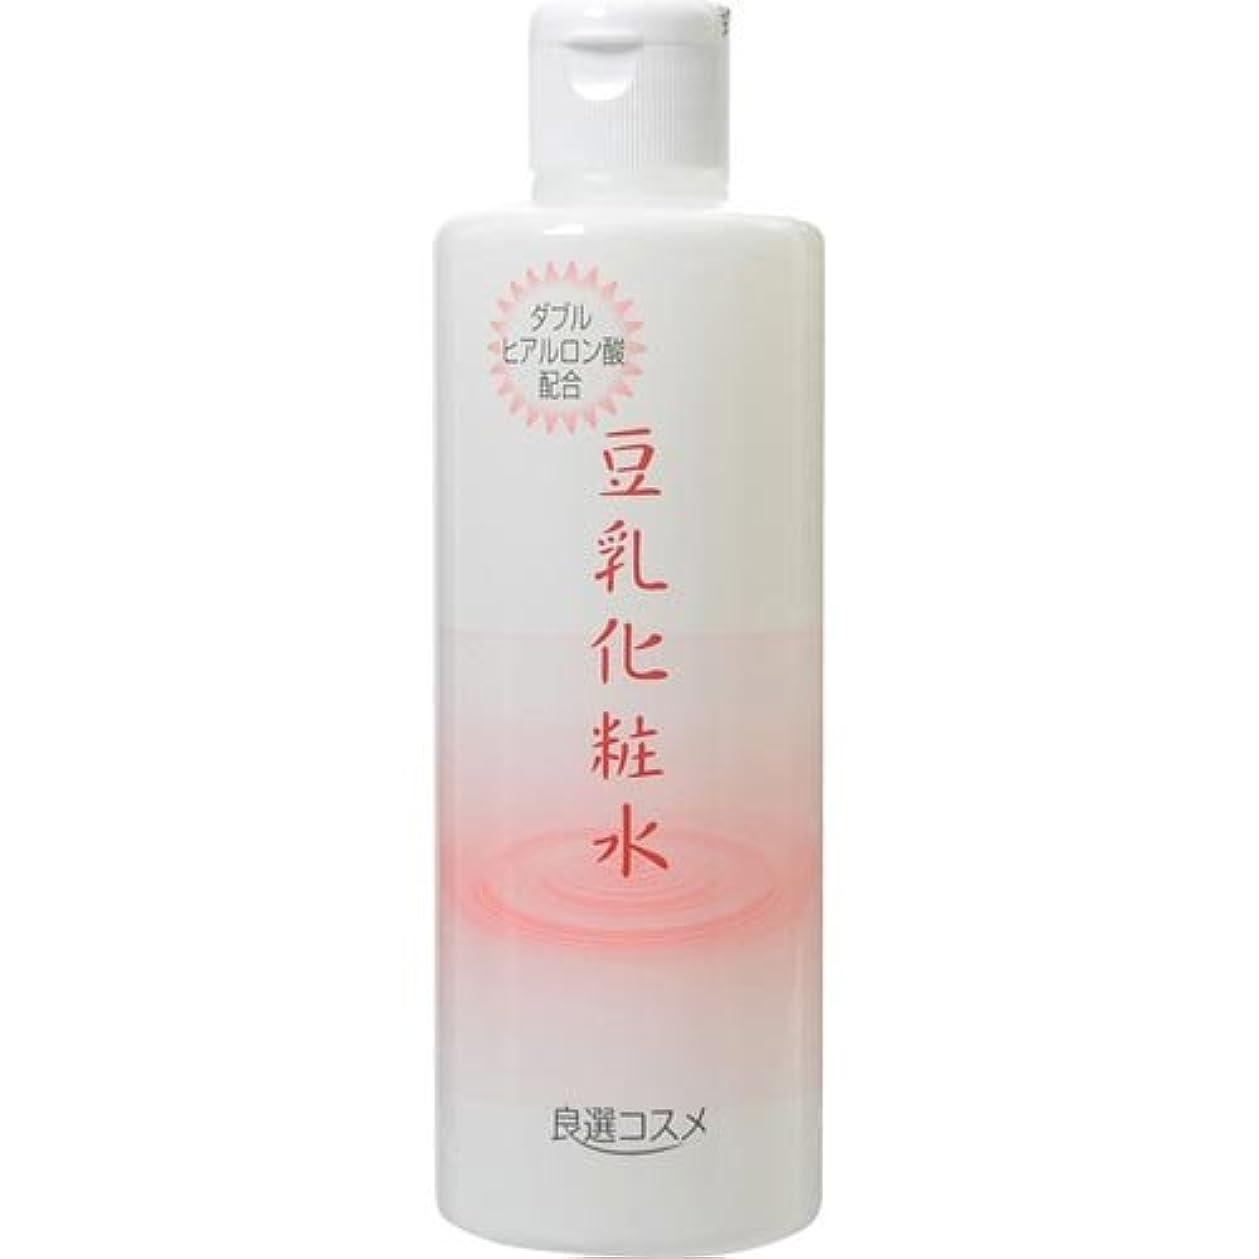 かんがい耐えるモデレータ良選企画 豆乳化粧水 300ml